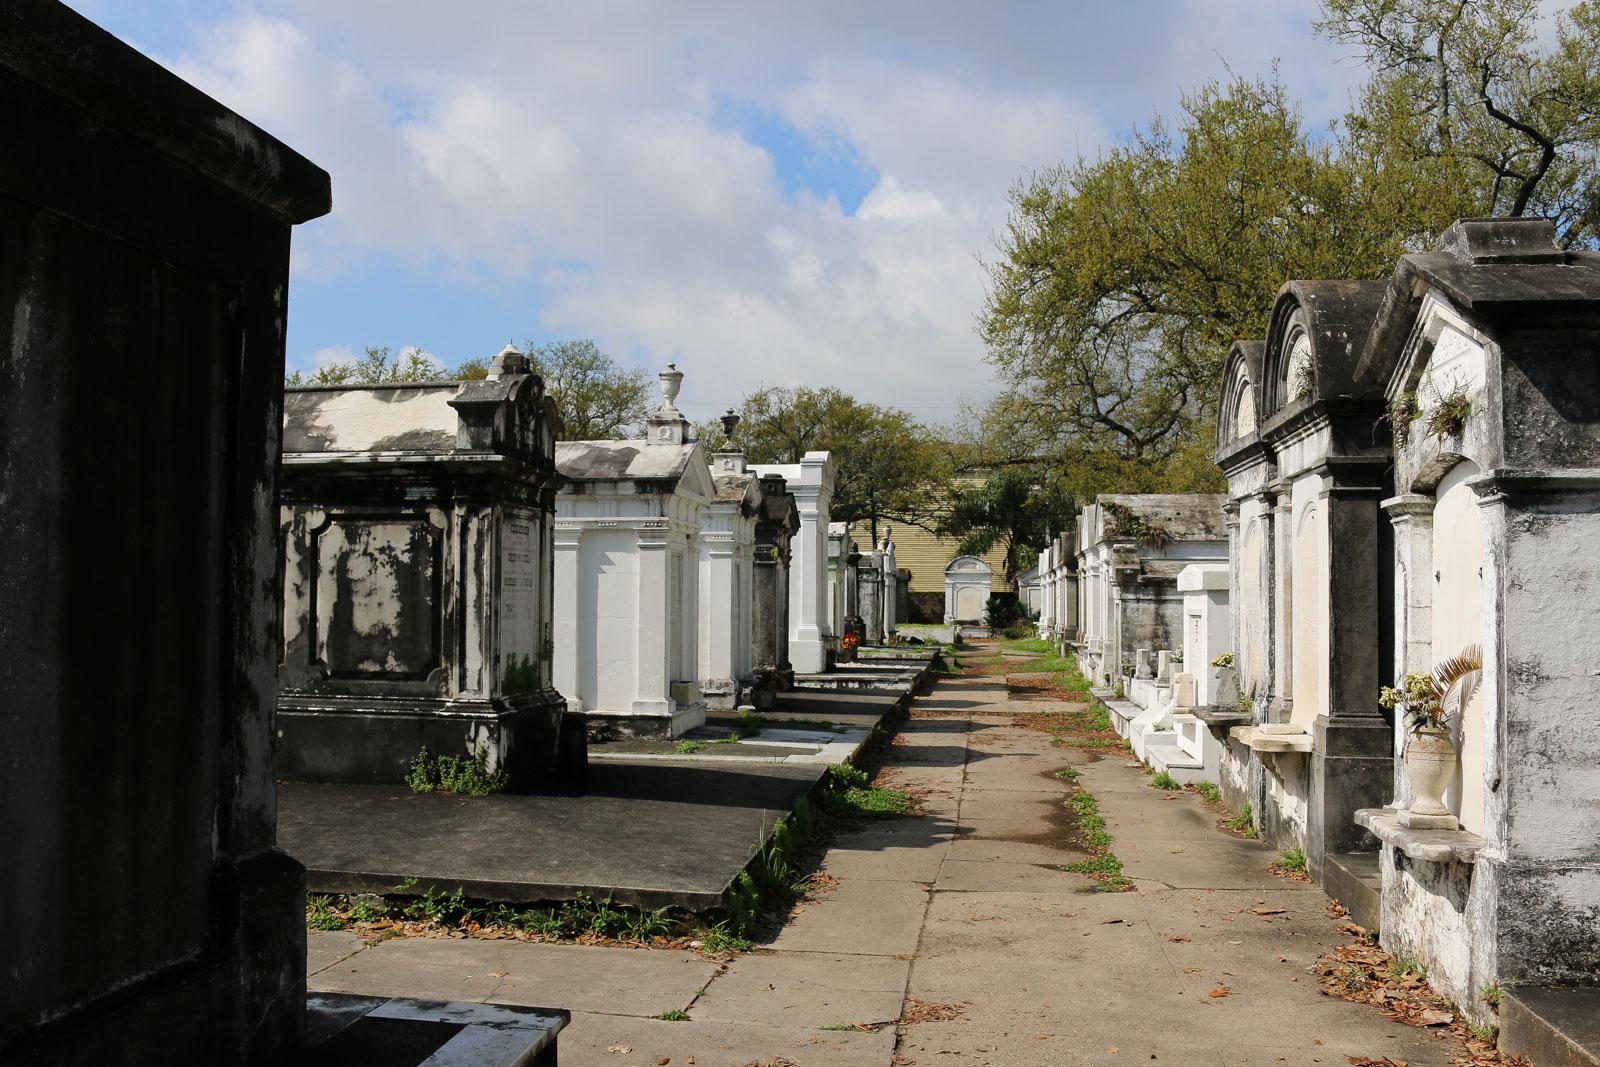 So schön kann der Tod sein - ein Friedhof in New Orleans.